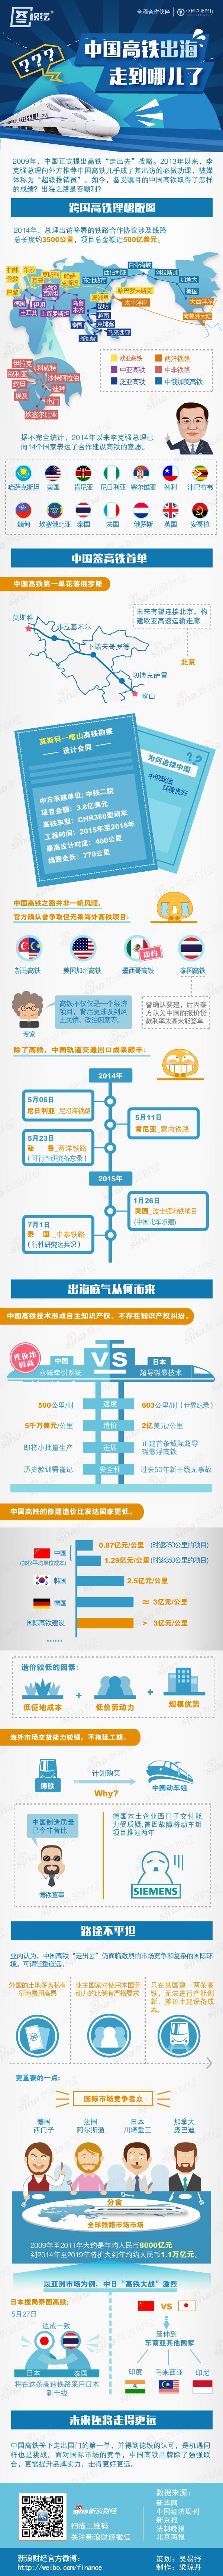 中国高铁出海之路